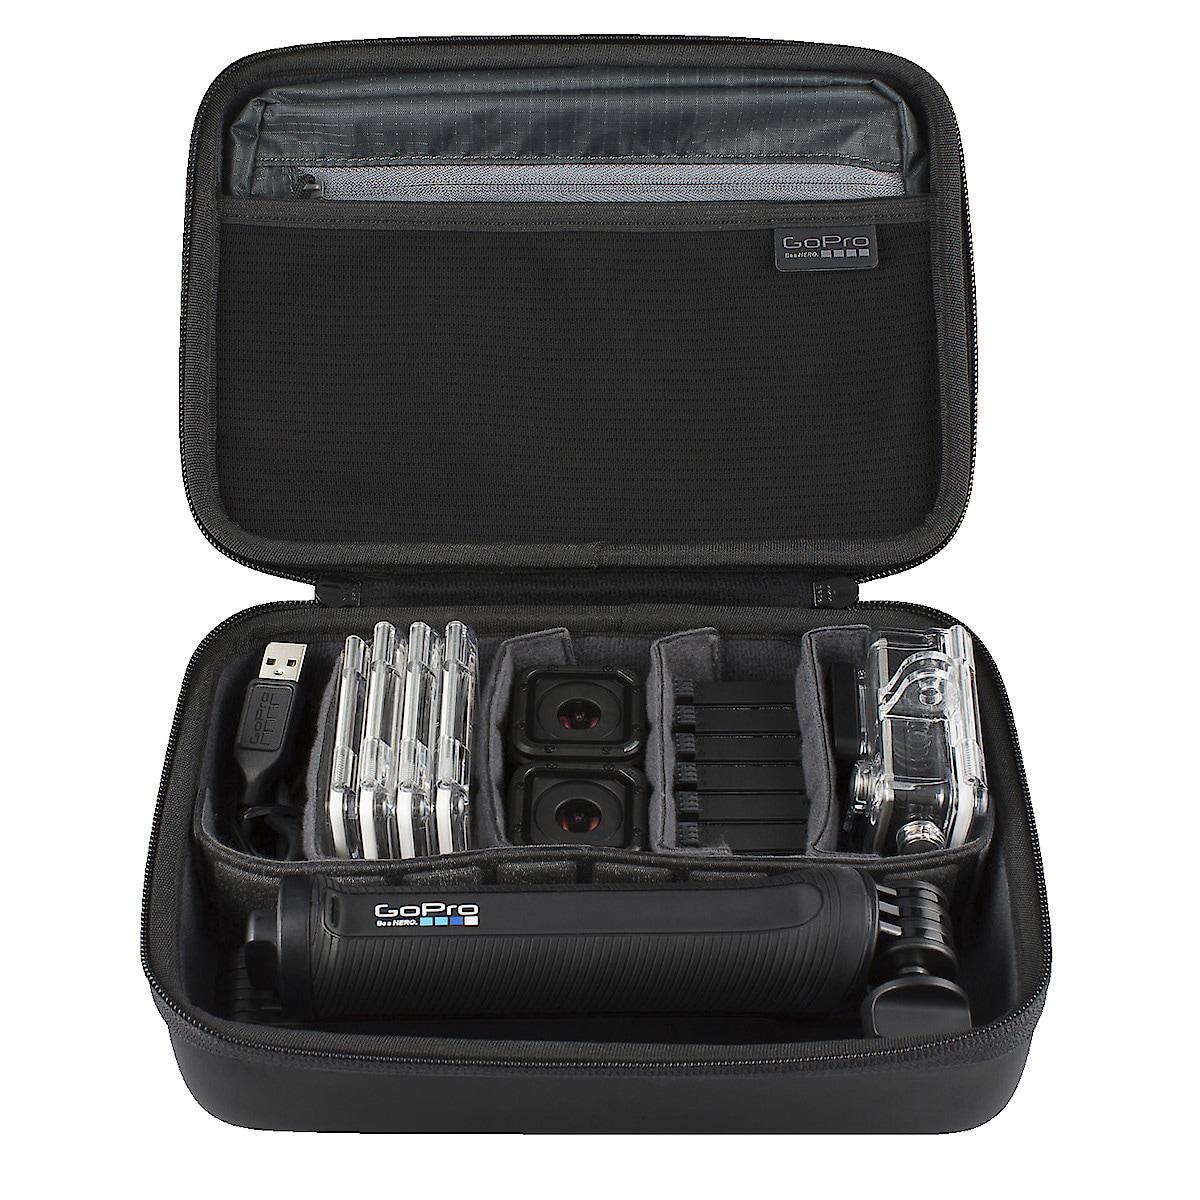 Väska för actionkamera, GoPro Casey